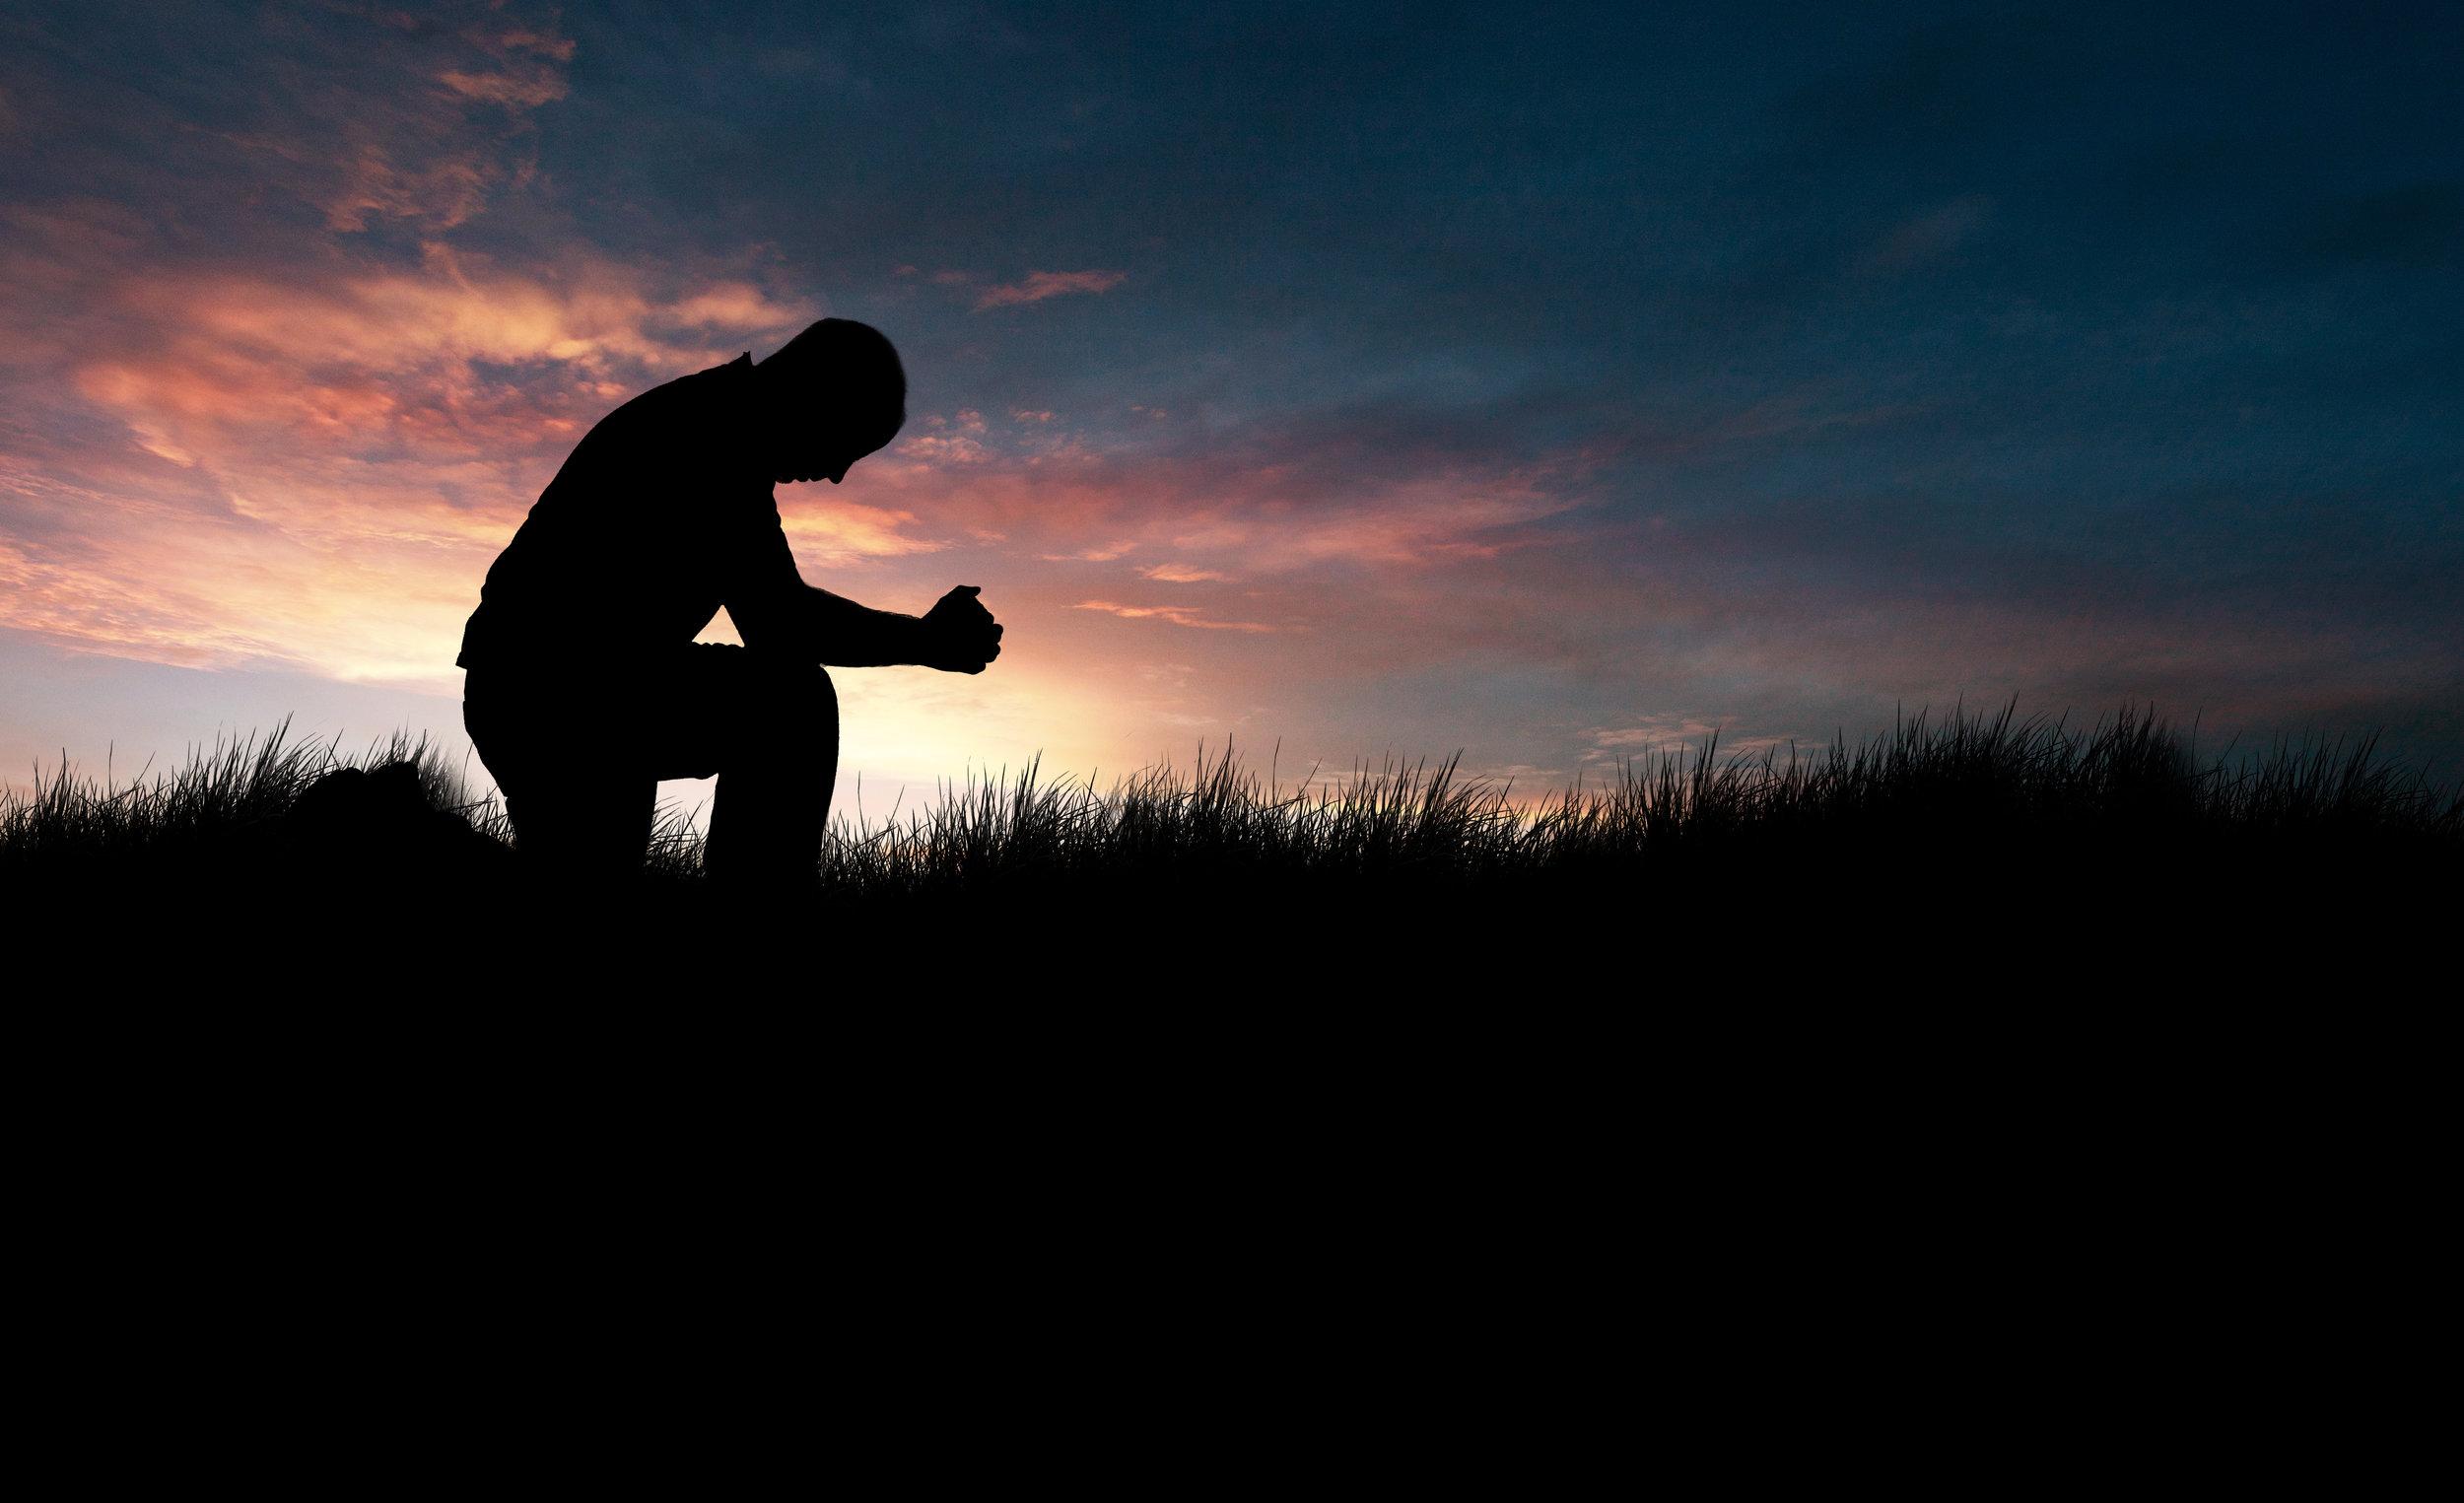 man-praying-in-the-grassy-field_HmgvG1fxR.jpg